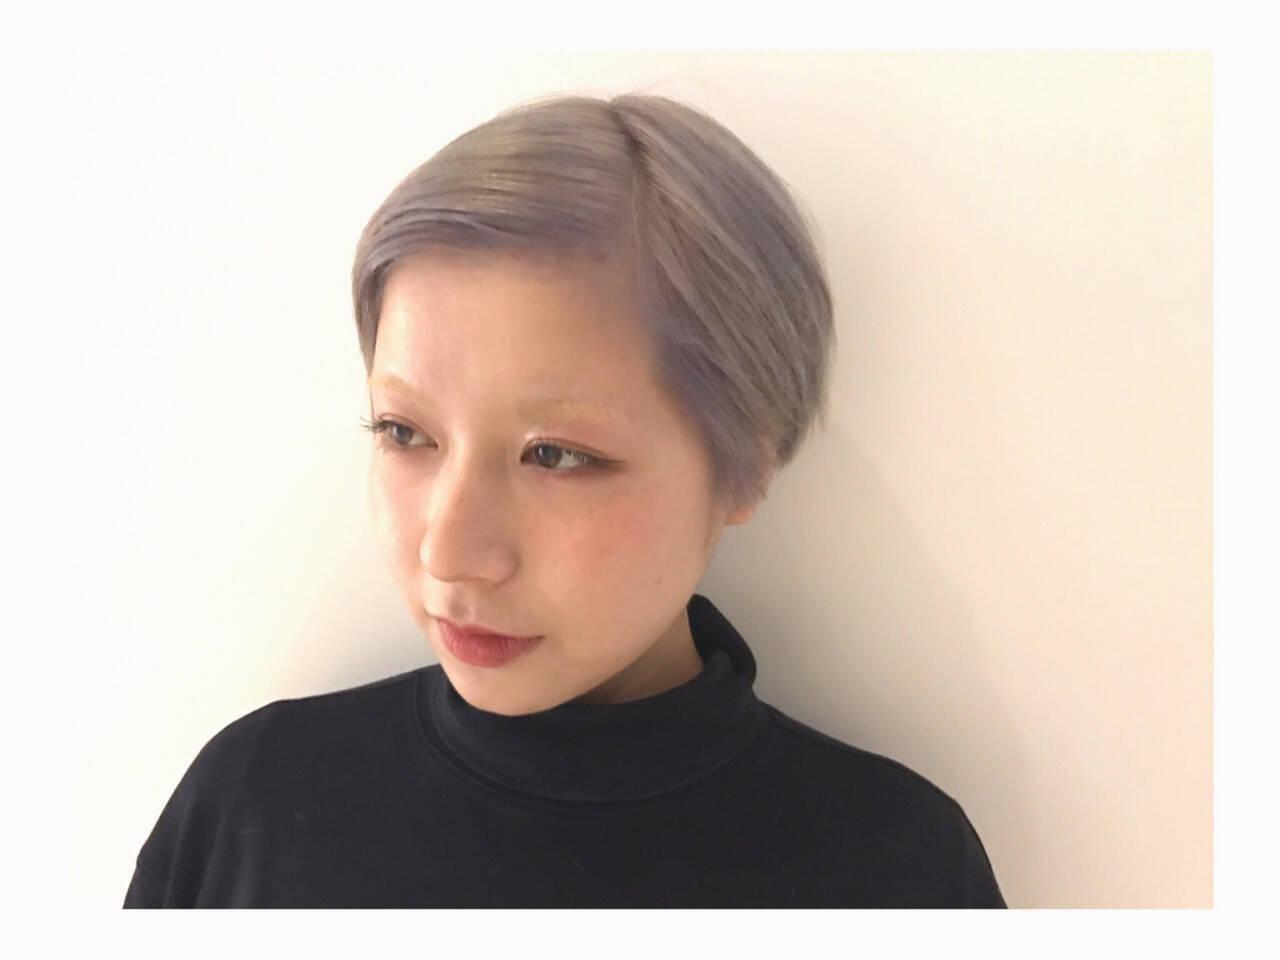 モード ショート ハイトーン ホワイトヘアスタイルや髪型の写真・画像